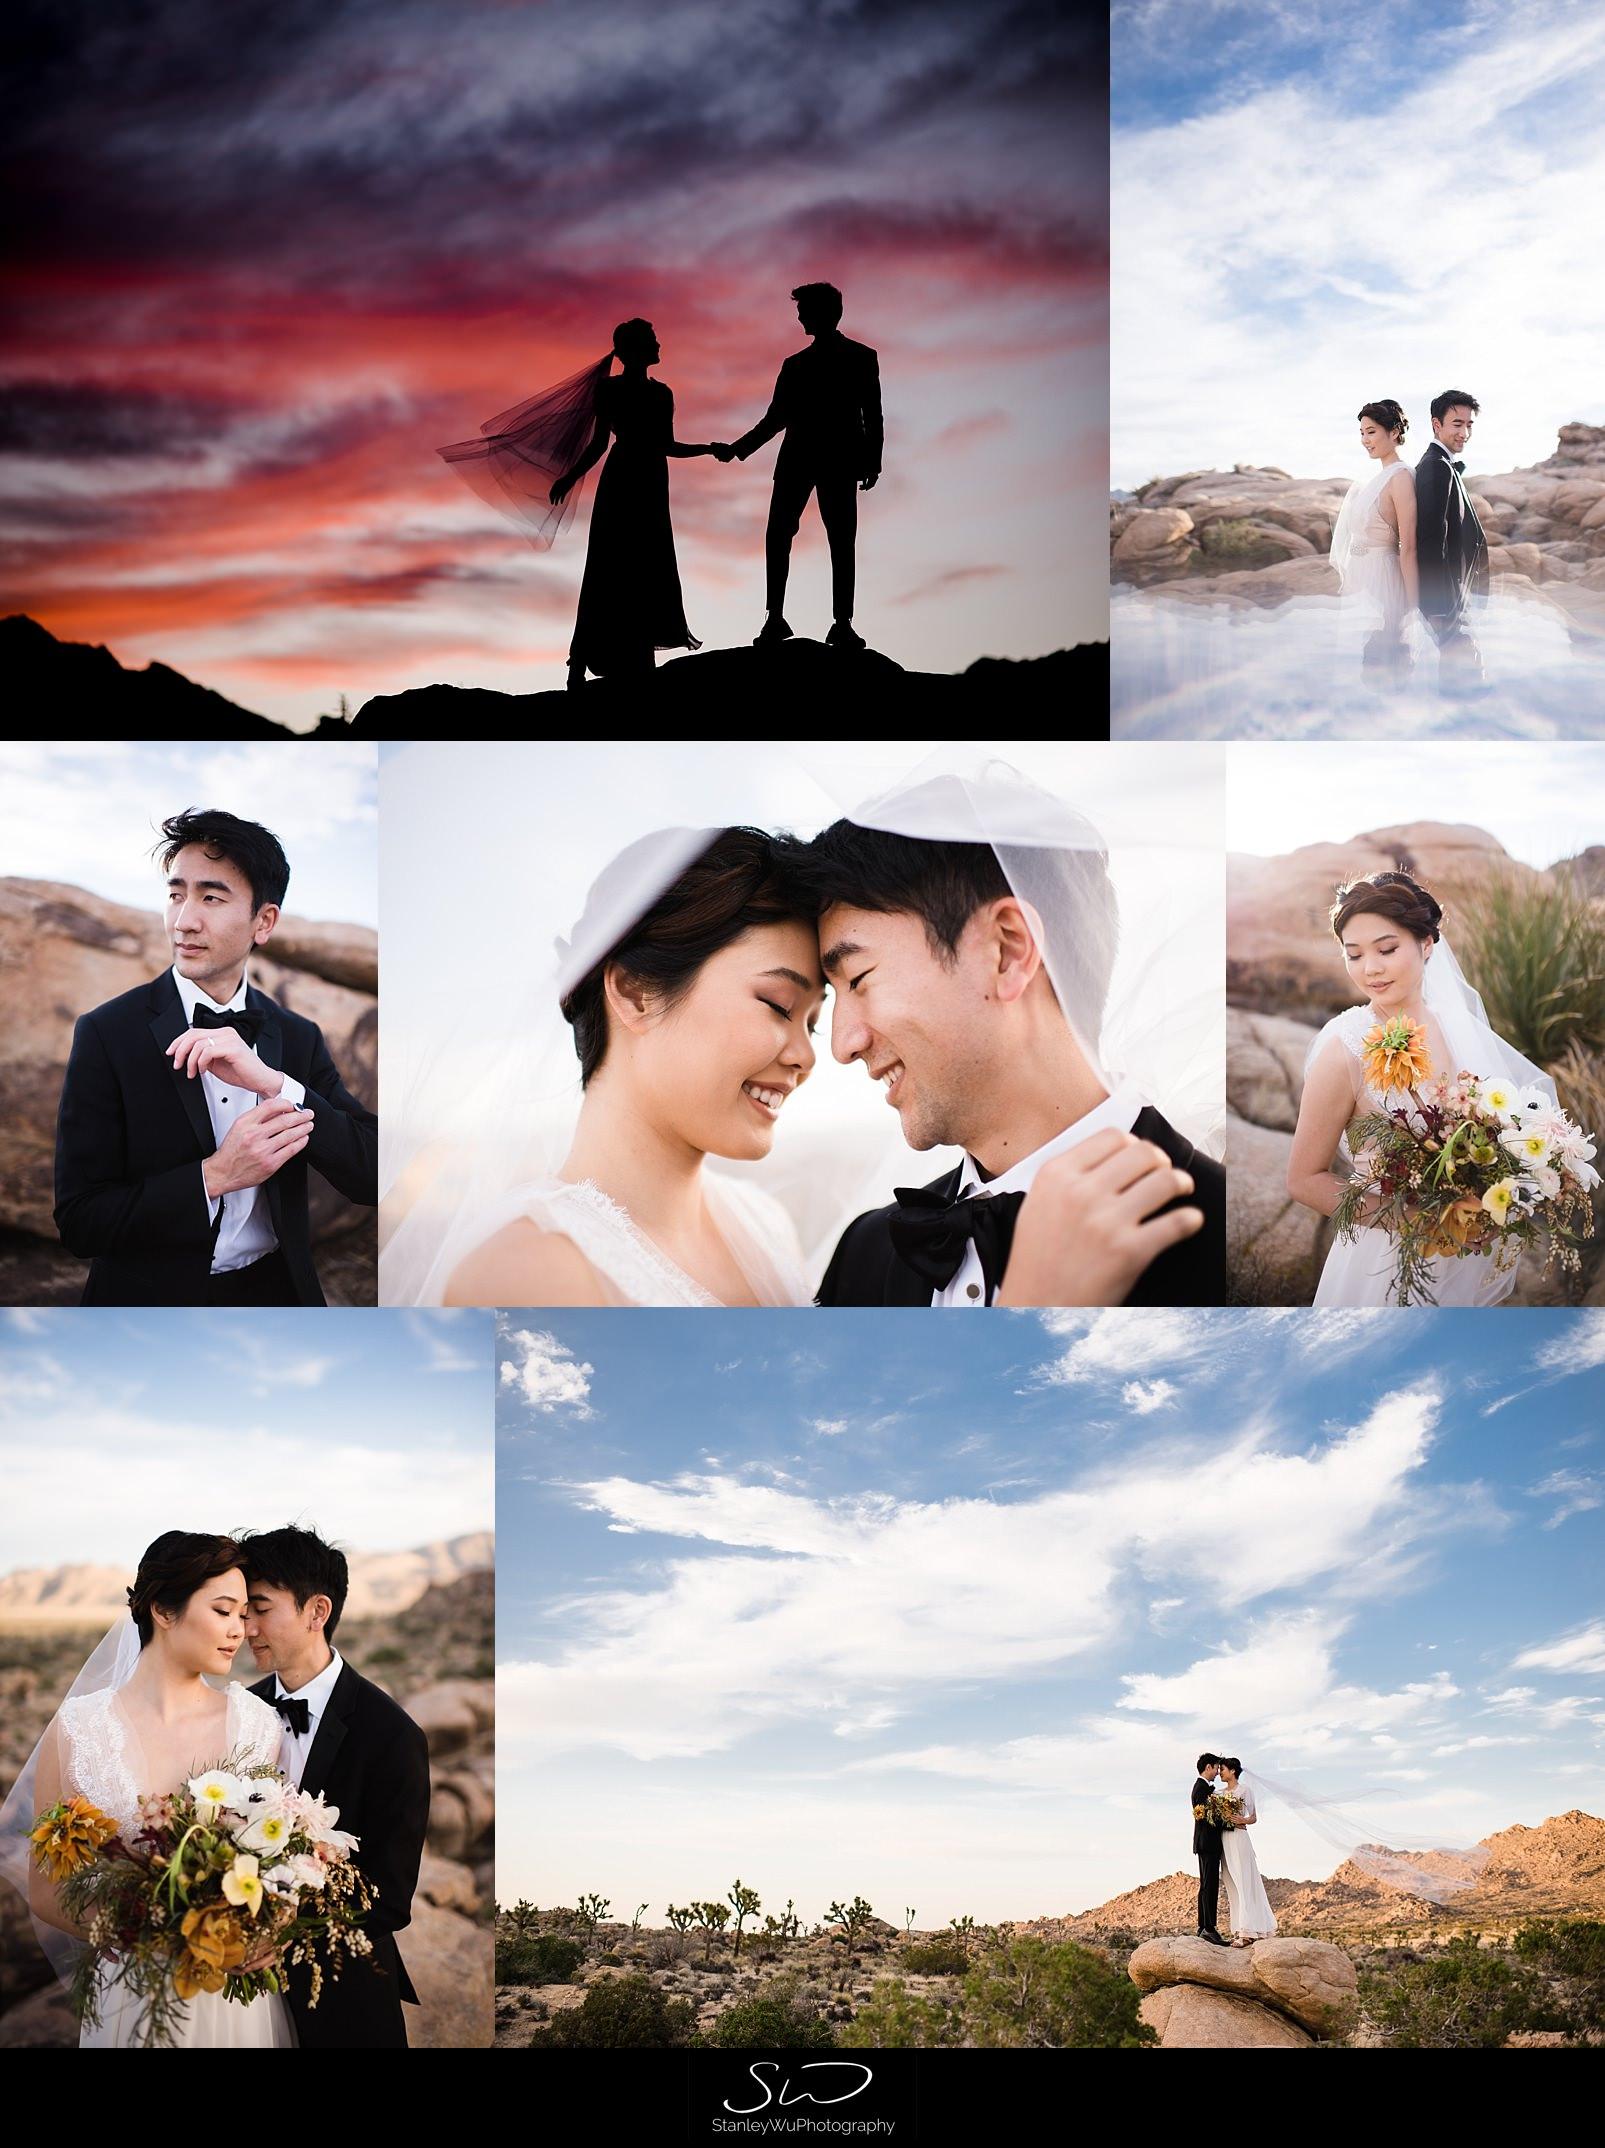 Joshua Tree Styled Shoot | Wedding & Engagement Photography Inspiration